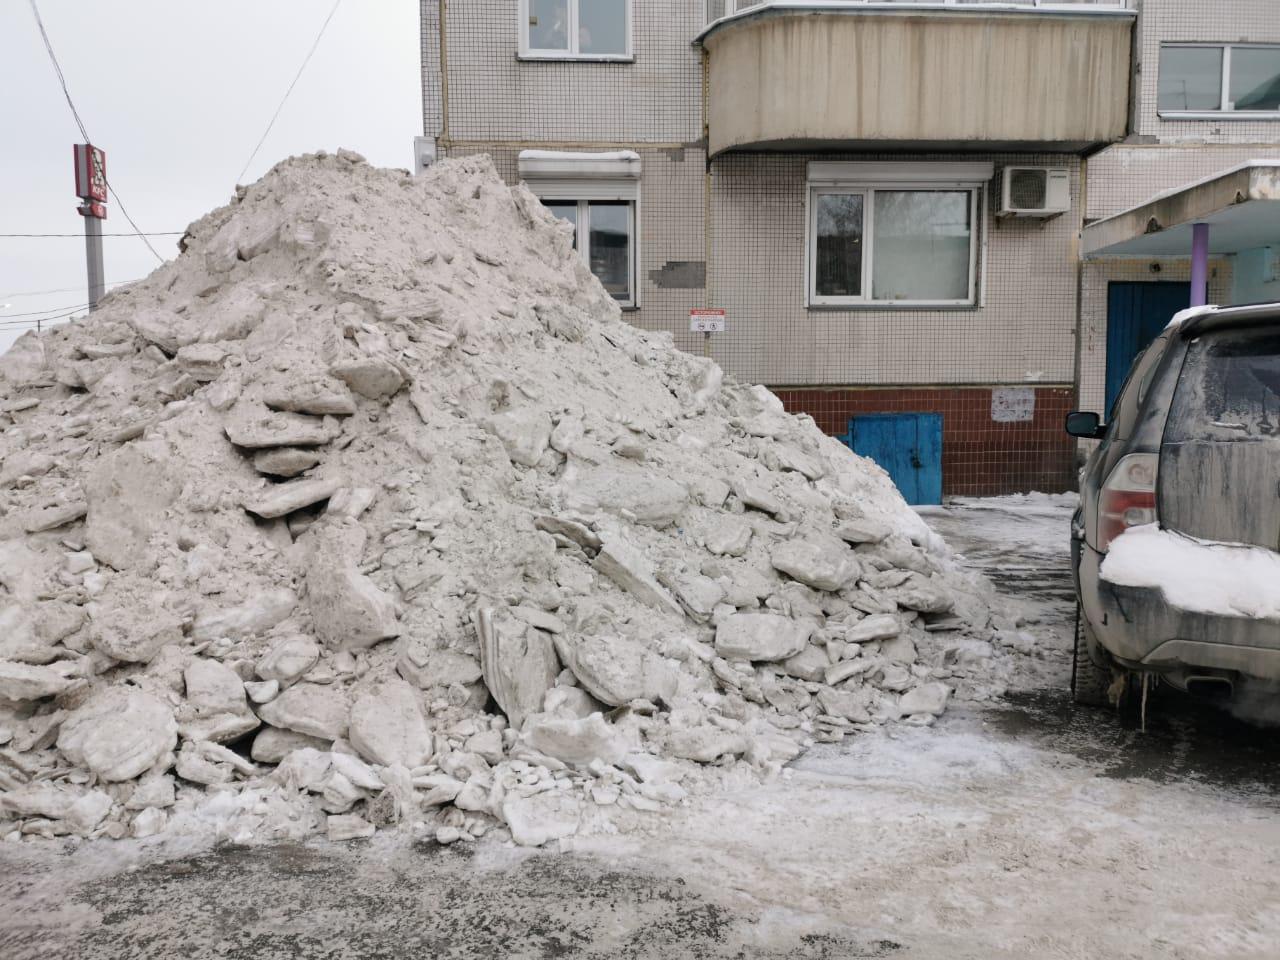 """«Кучи снега высотой с первый этаж, которые УК """"Спас-Дом"""" планирует оставить до весны», — прокомментировала фото читательница НГС"""